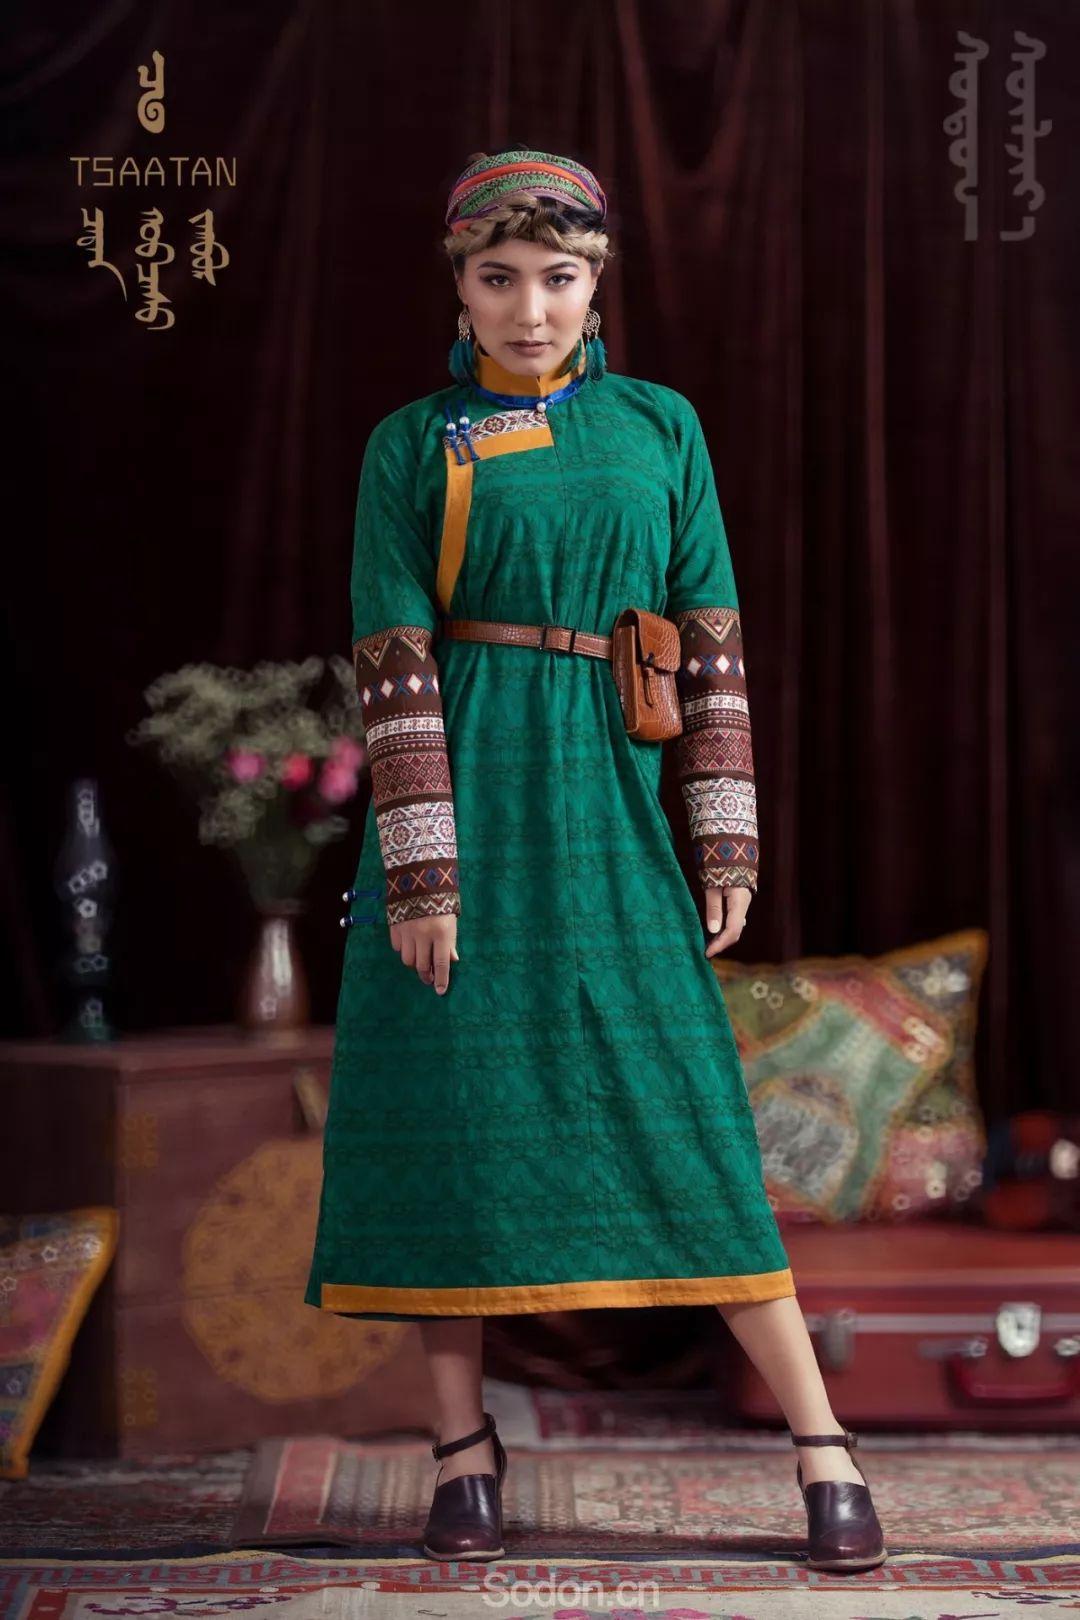 TSAATAN蒙古时装 2019新款,来自驯鹿人的独特魅力! 第49张